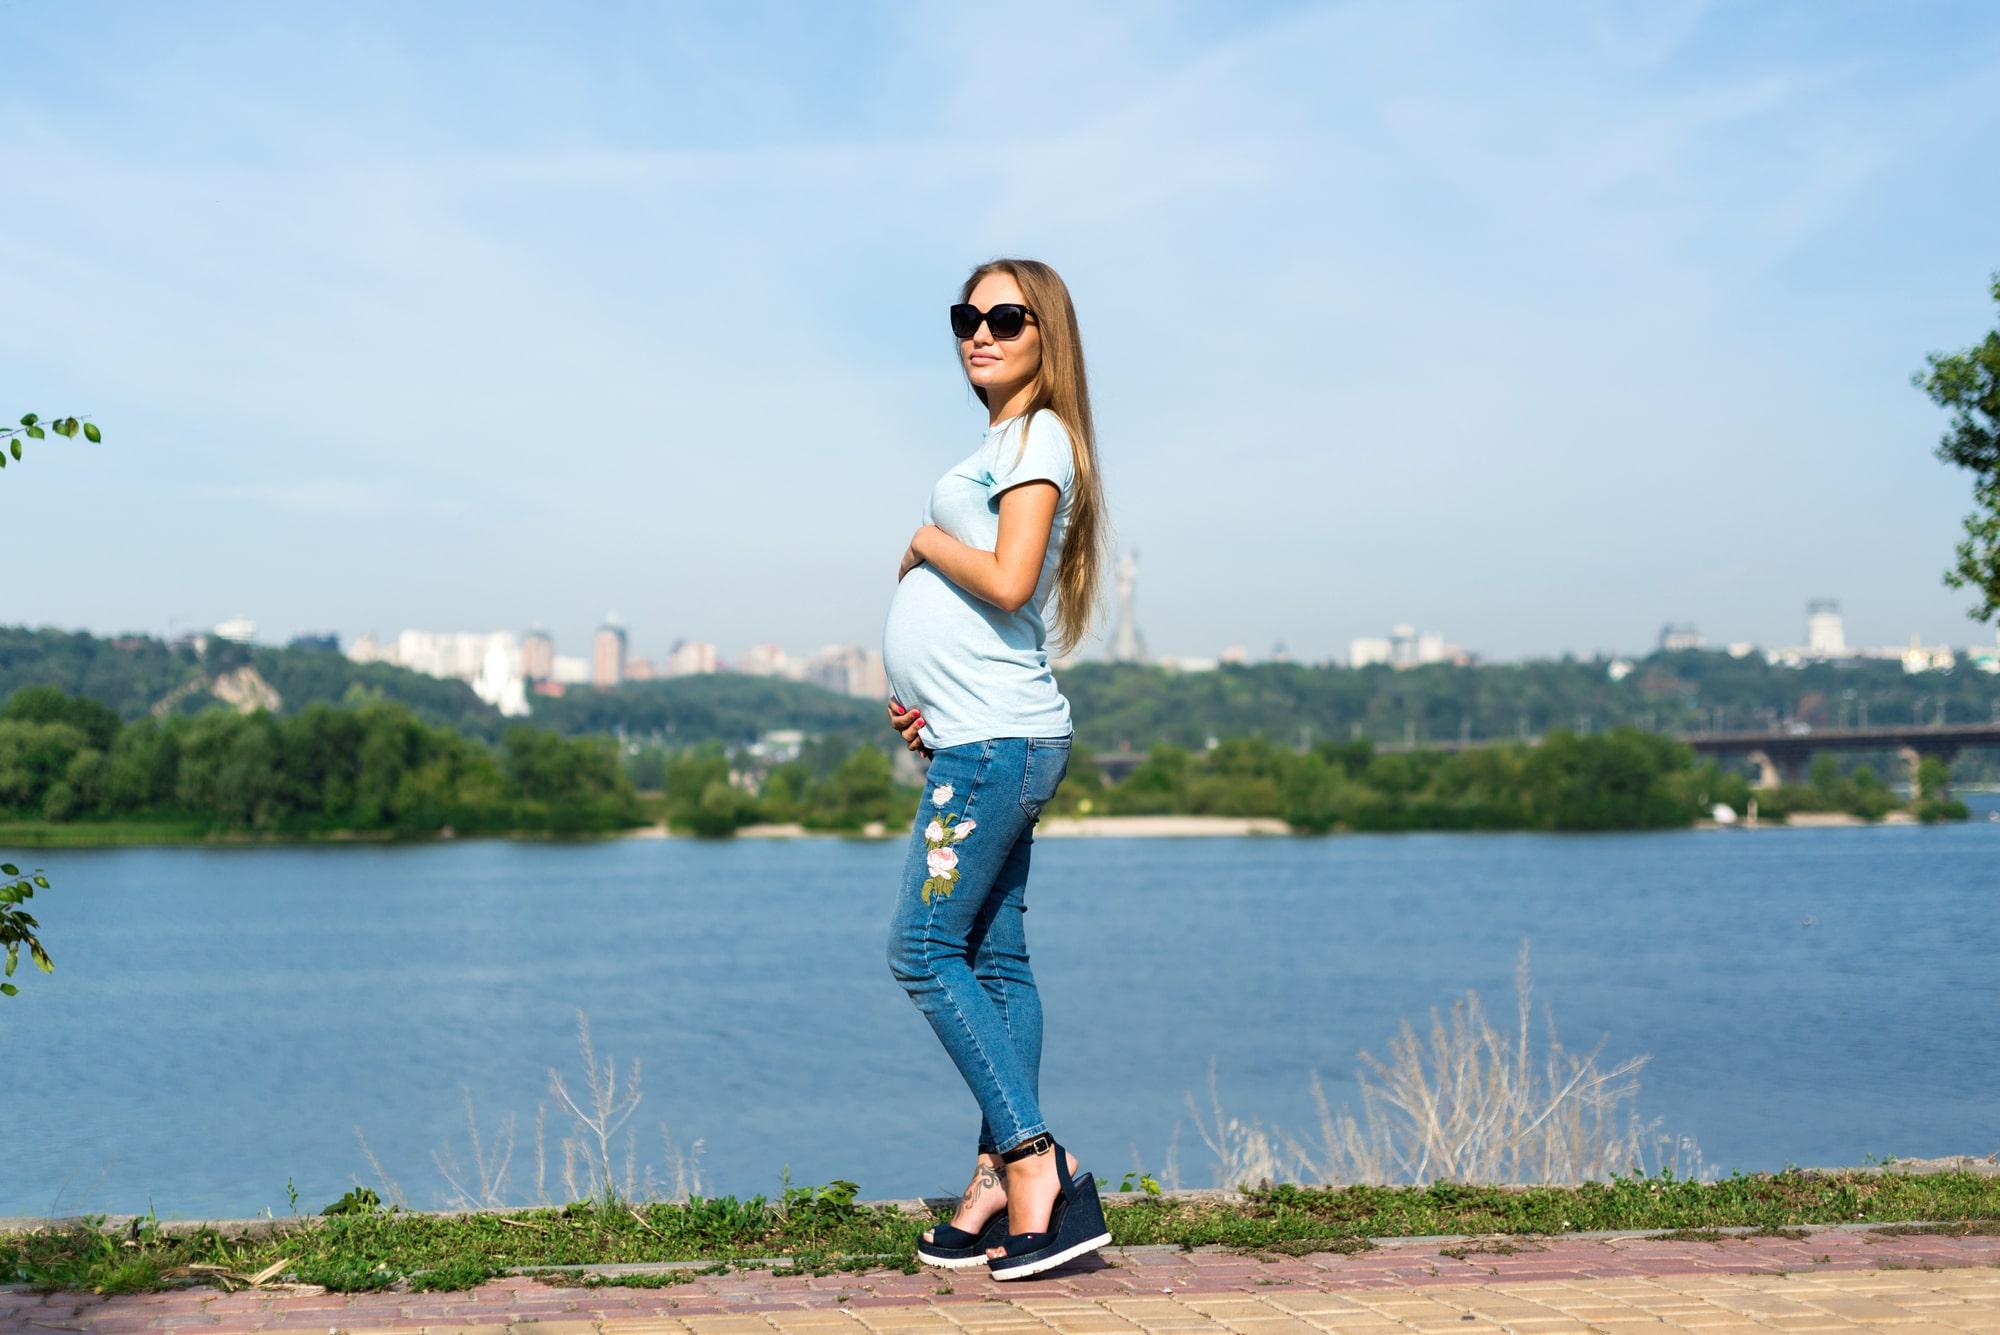 Фотосессия для беременных в Киеве - на берегу реки